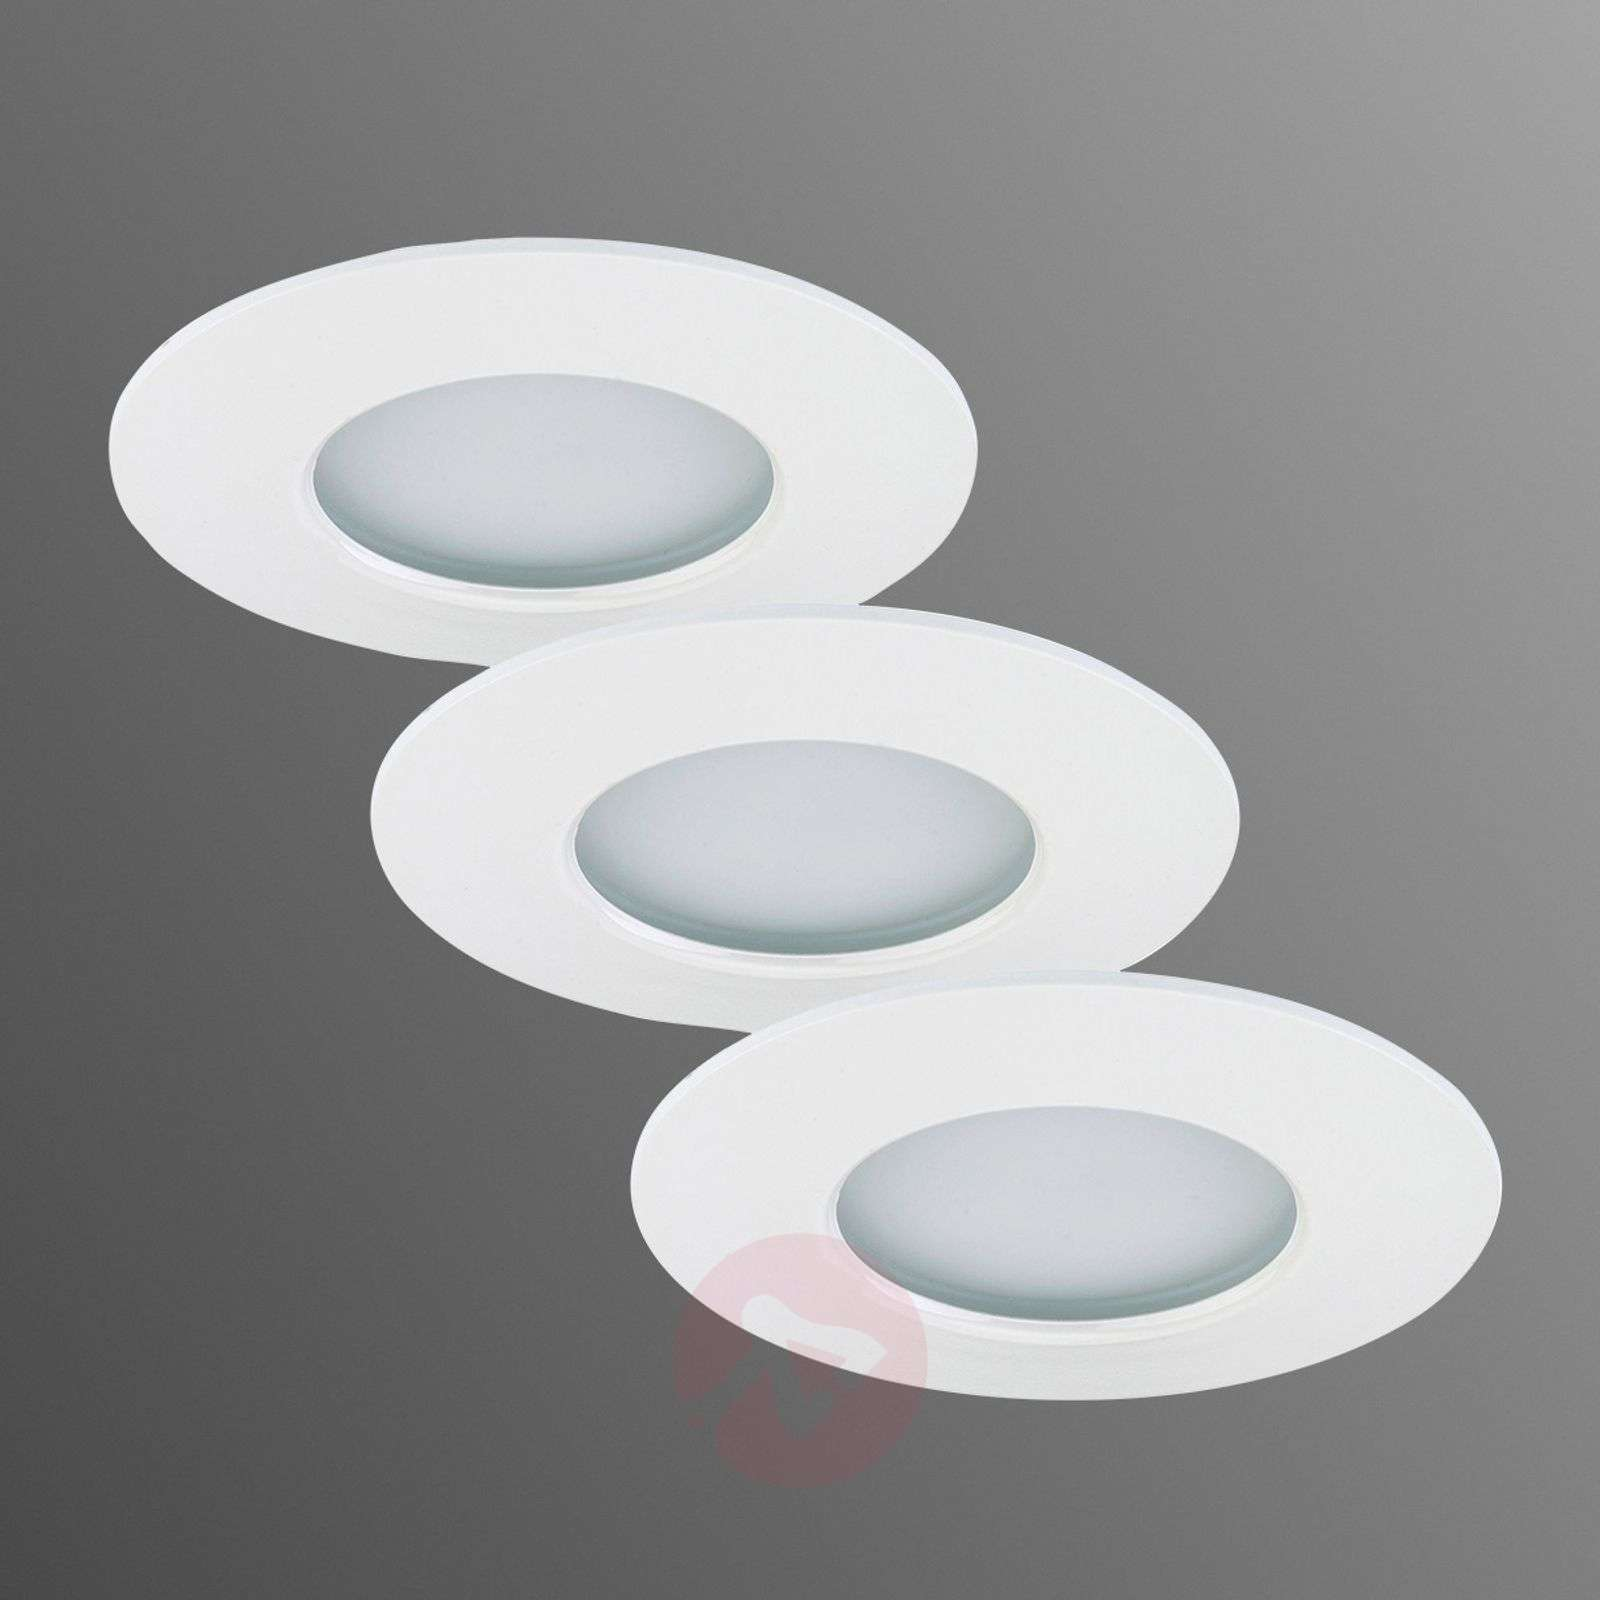 Nikas-LED-uppokohdevalaisin IP44, 3 kpl:n setti-1510230X-01